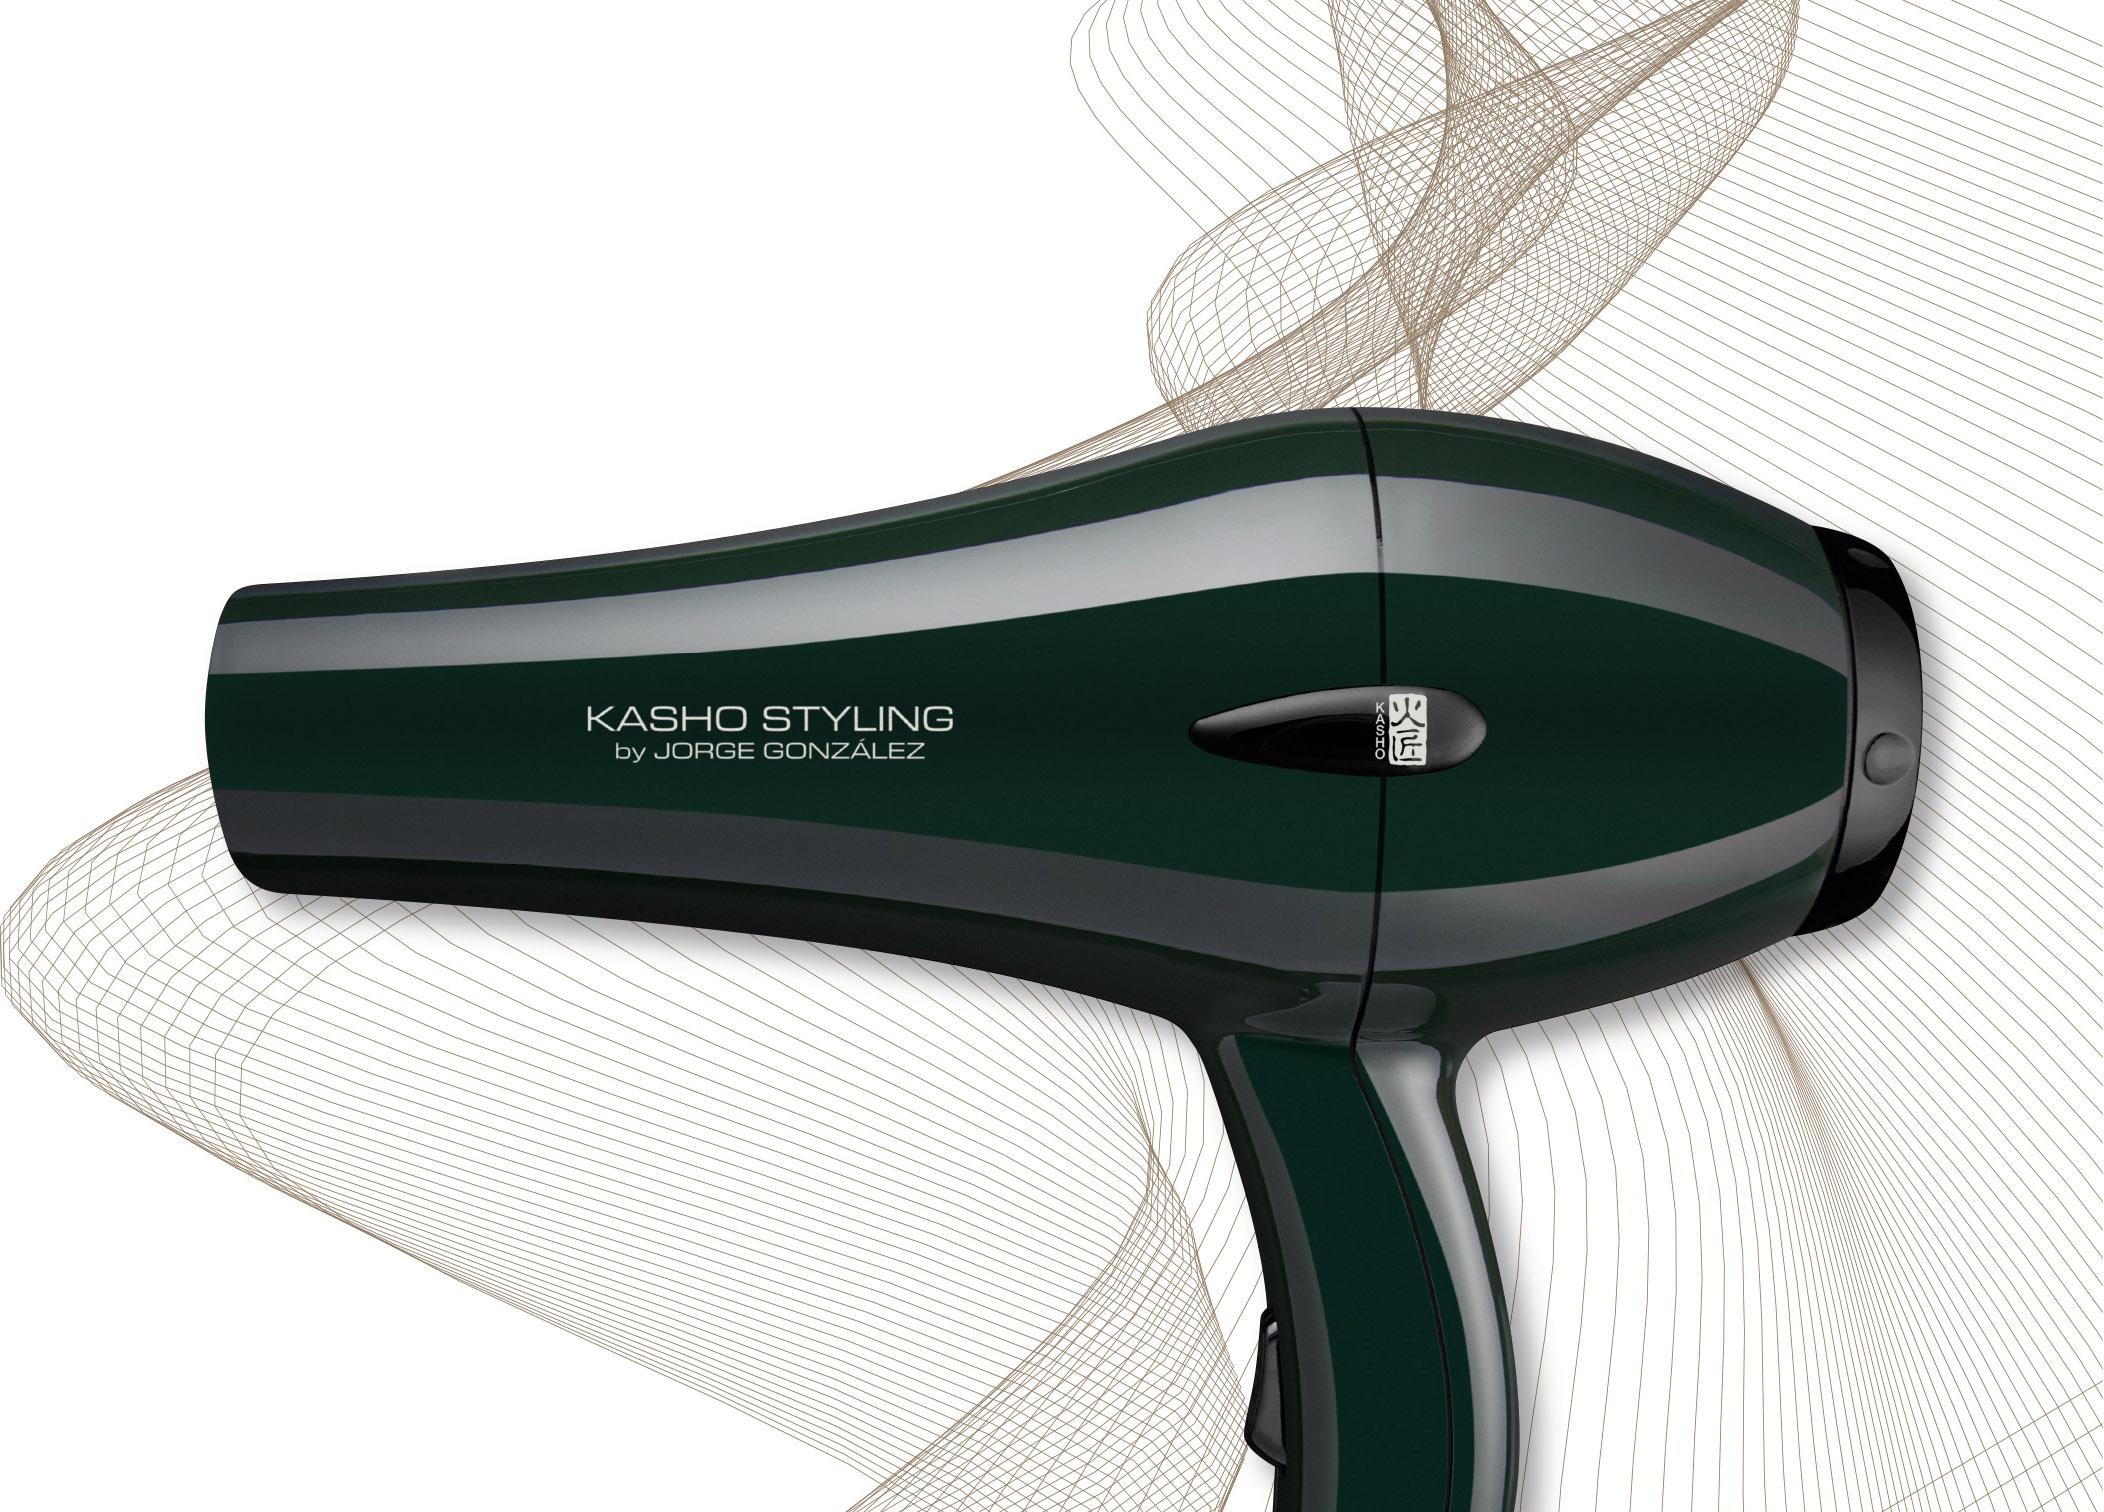 KASHO KSJG-01 Dryer Professional - profesionálny fén na vlasy